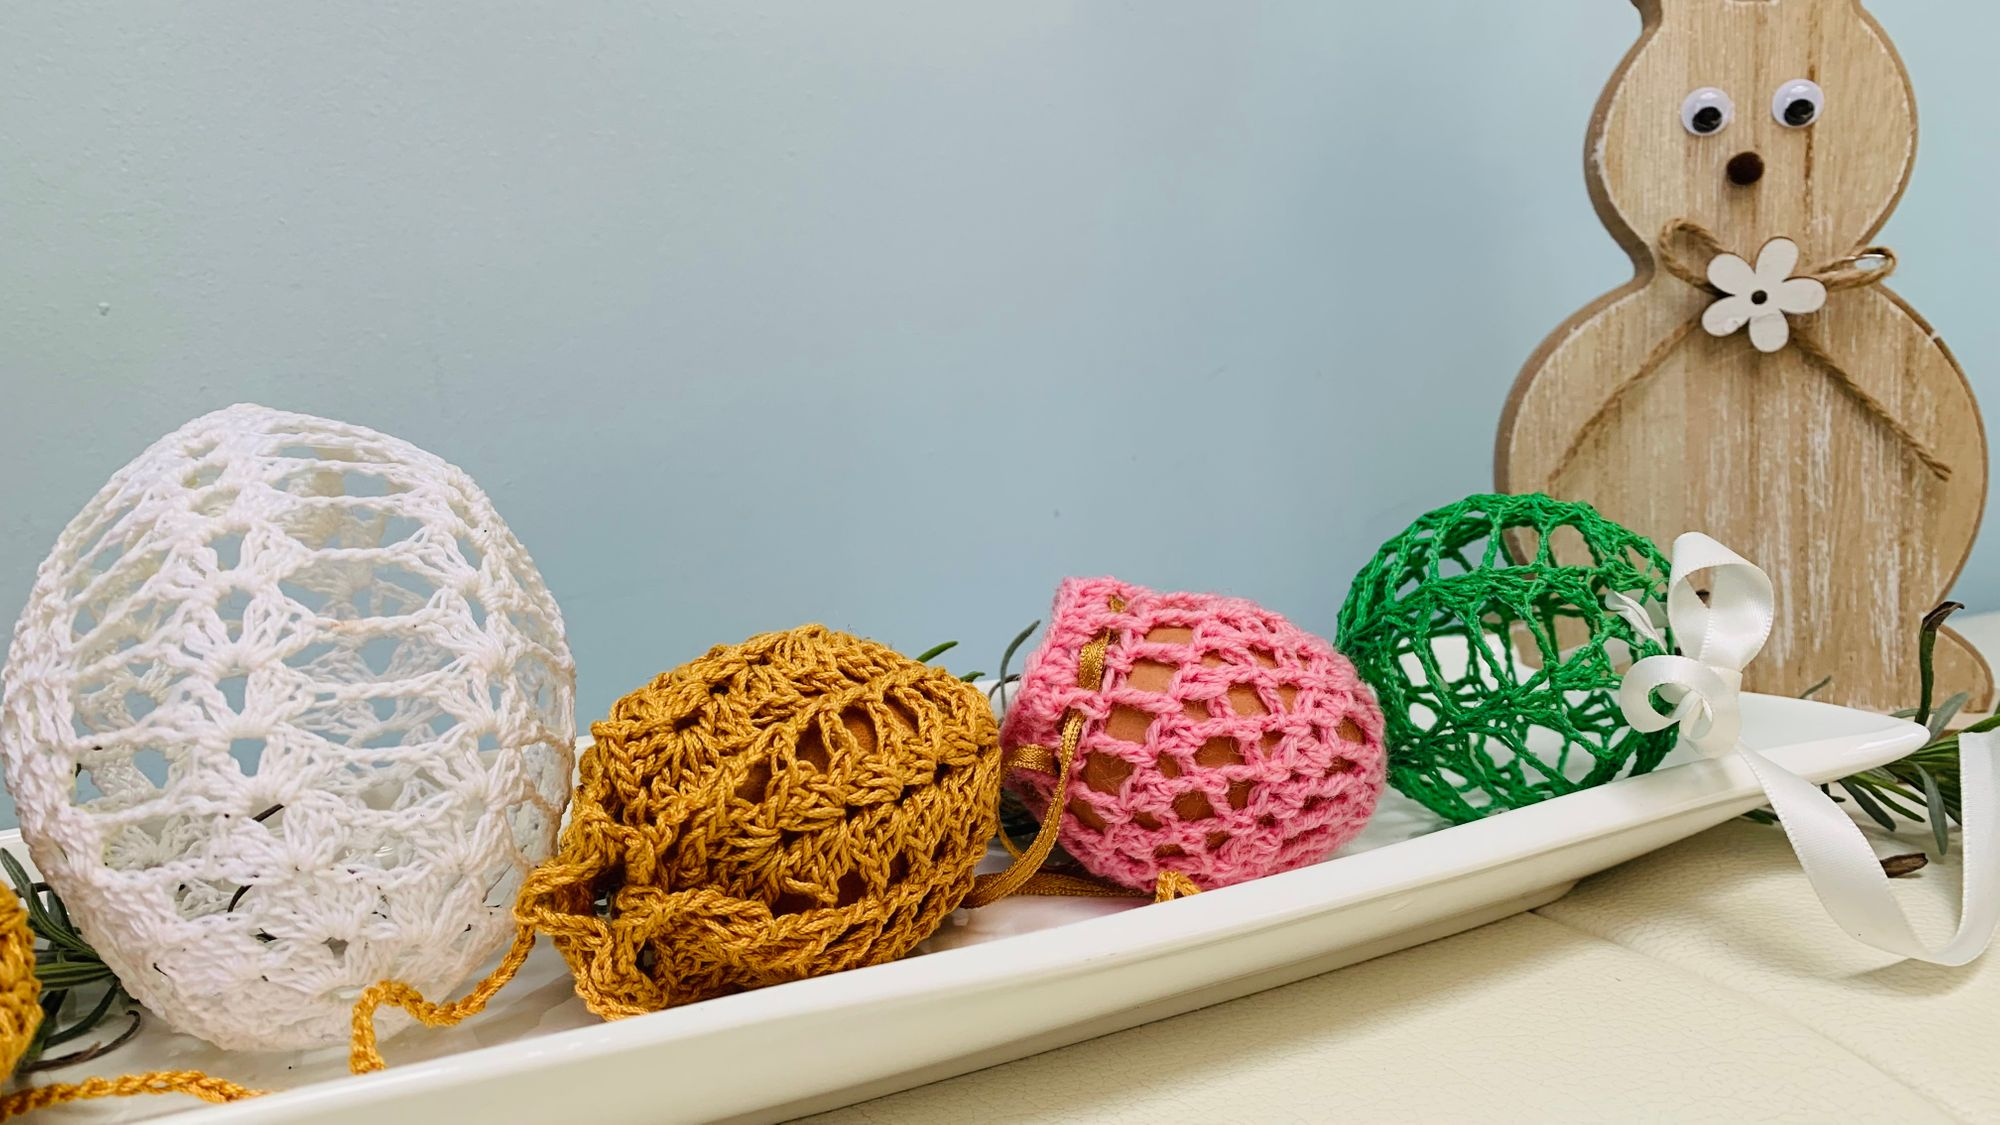 Ręcznie robione ubranka na jajka sprawiły, że nasze jajka w tym roku nabrały innego koloru ;-)